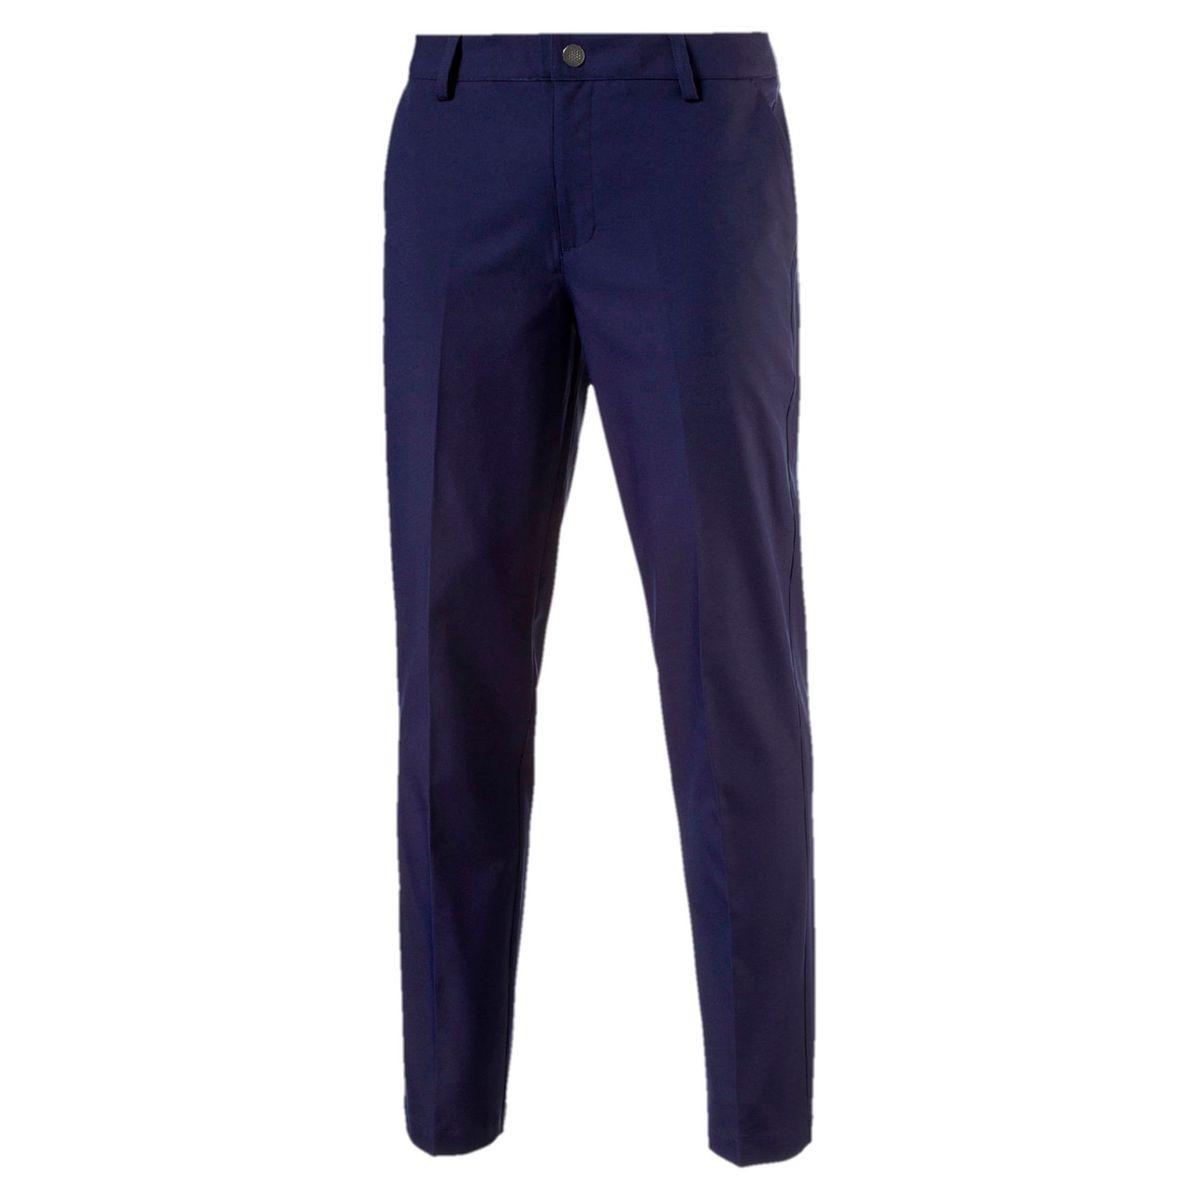 Pantalon Golf Tailored Tech pour homme